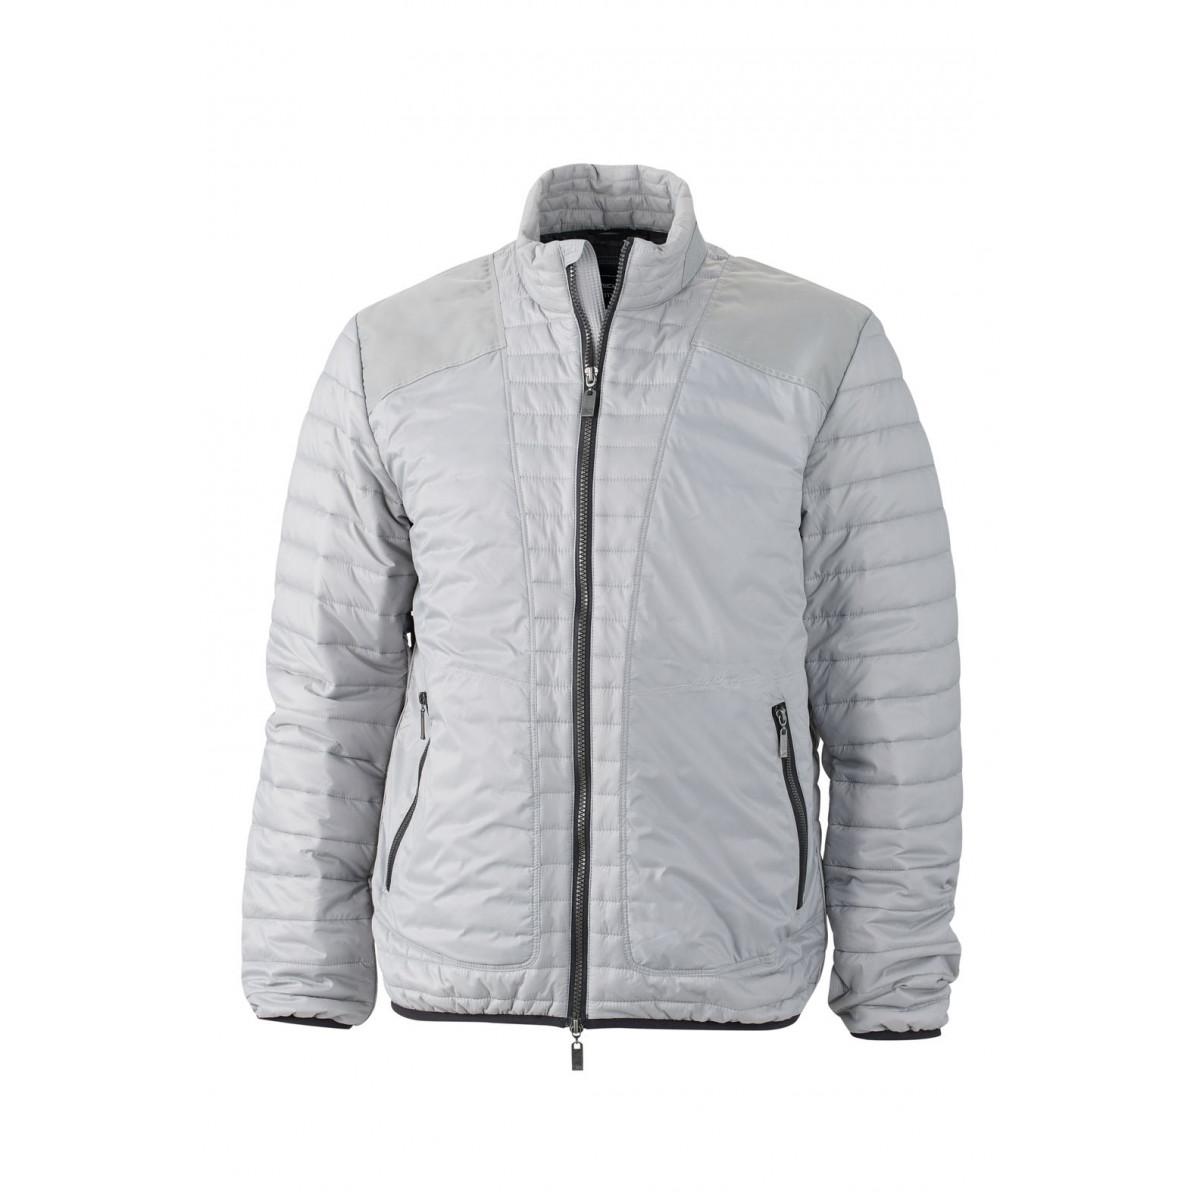 Куртка мужская JN1112 Mens Lightweight Jacket - Серебряный/Черный